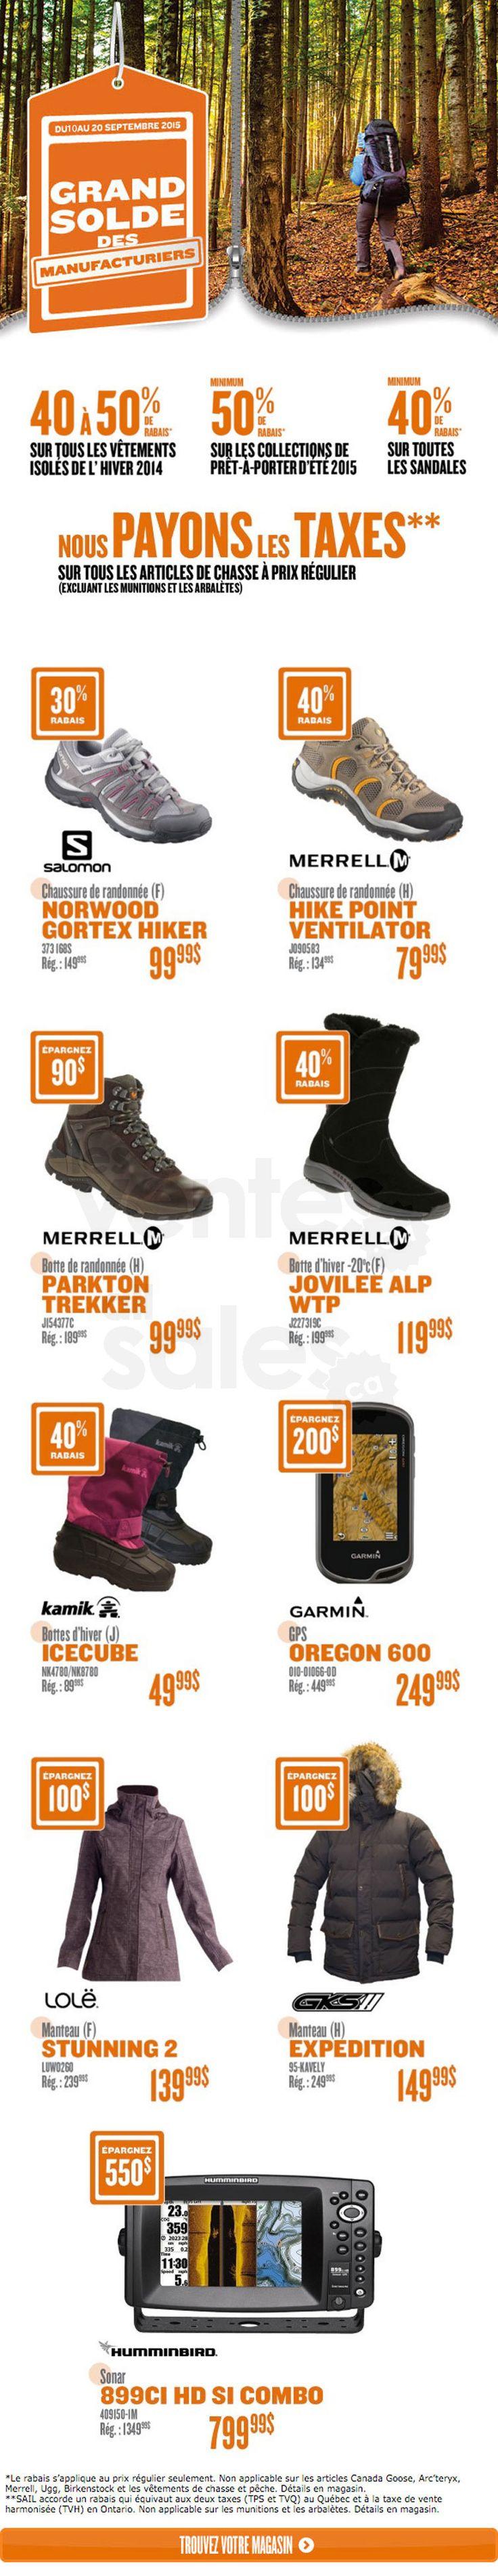 Du 10 au 20 septembre, jusqu'à -50% sur des items sélectionnés tels que chaussures et bottes Merrell, bottes Kamik, GPS Garmin, manteaux Lolë et plus. Économisez l'équivalent des taxes sur tous les articles de chasse à prix régulier*.